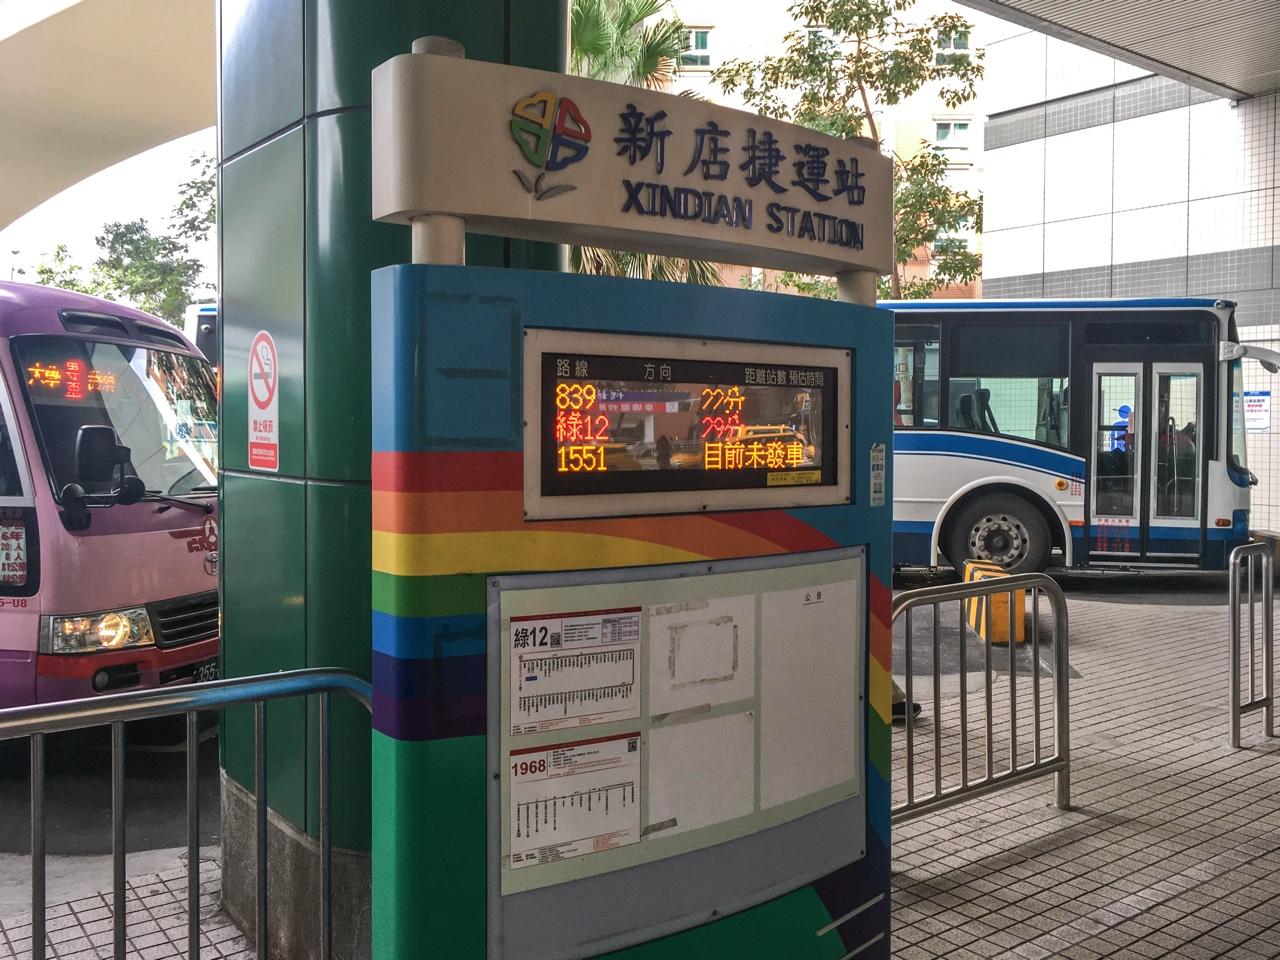 台北MRT新店駅前のバスターミナル